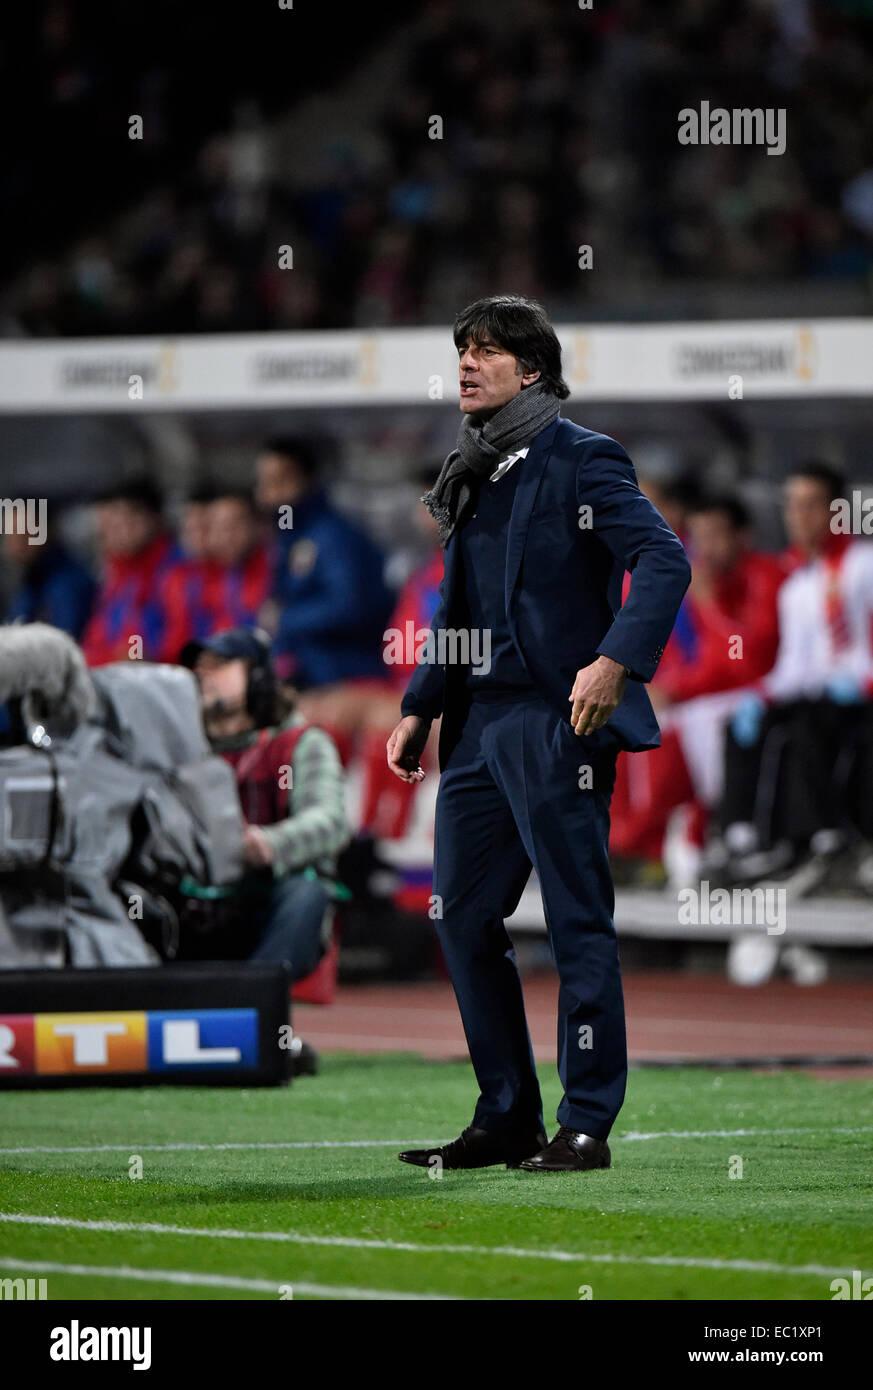 National coach Joachim Löw on the sidelines, Grundig Stadion, Nuremberg, Bavaria, Germany - Stock Image